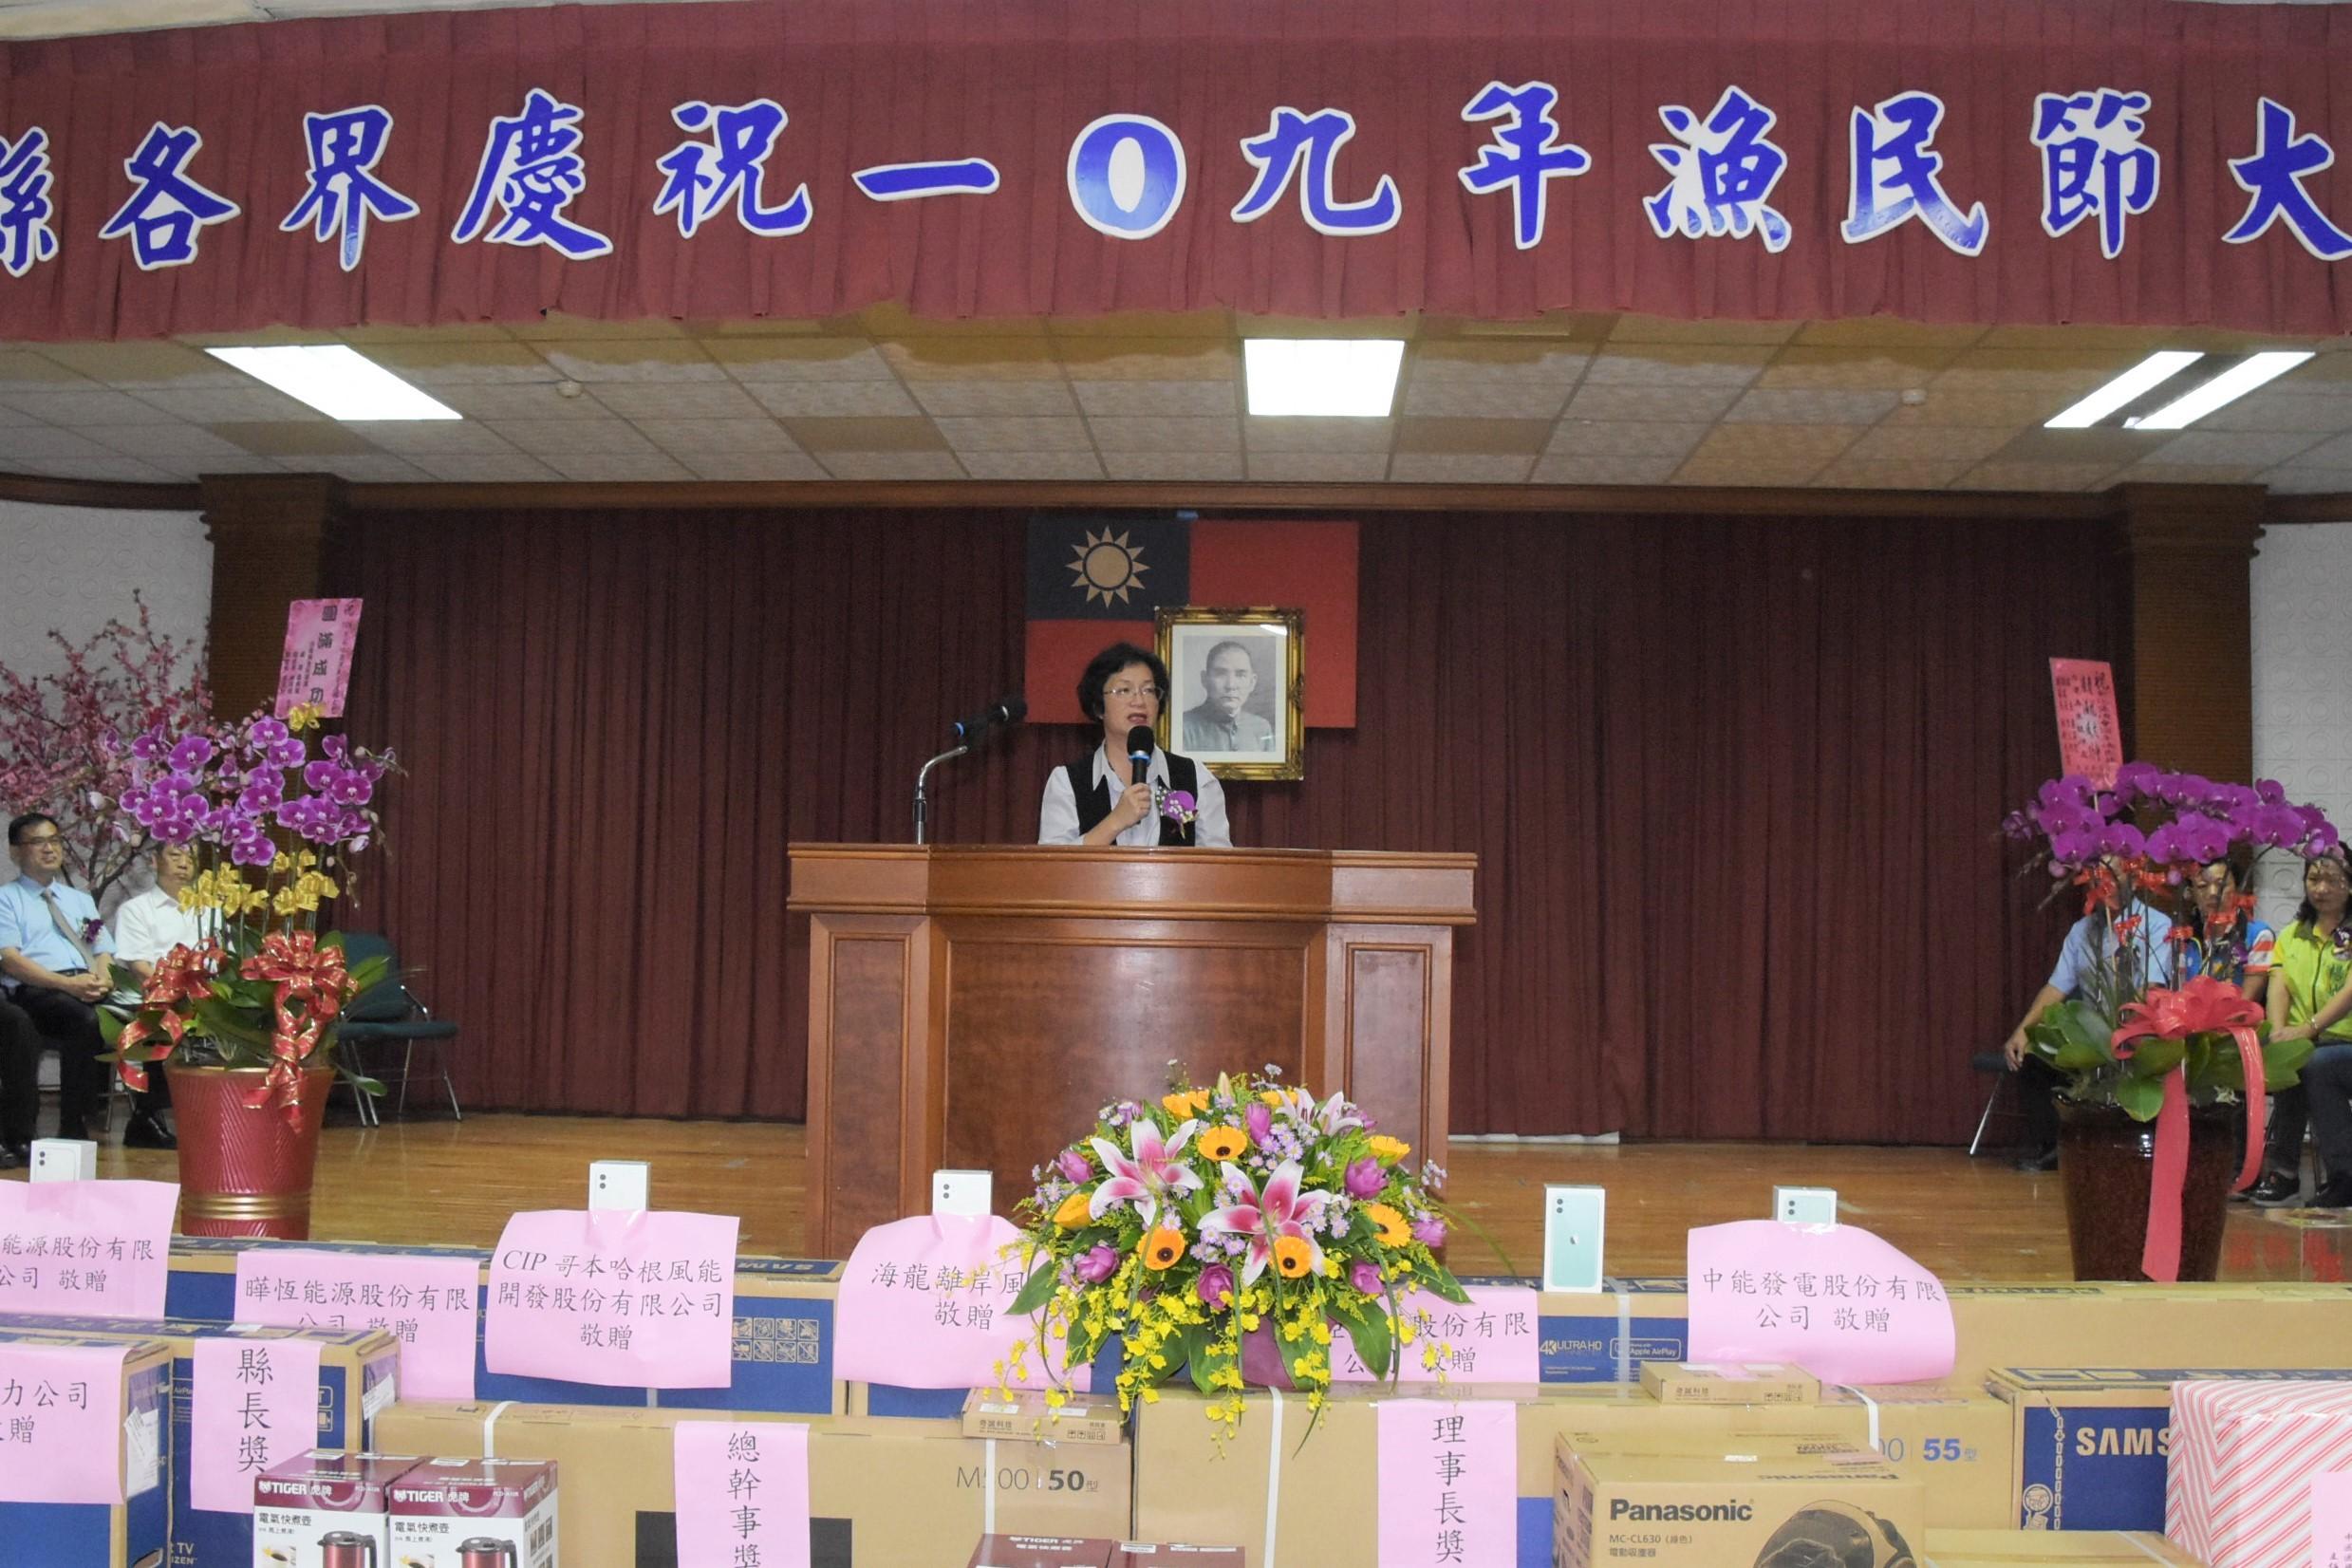 彰化縣各界慶祝109年漁民節大會